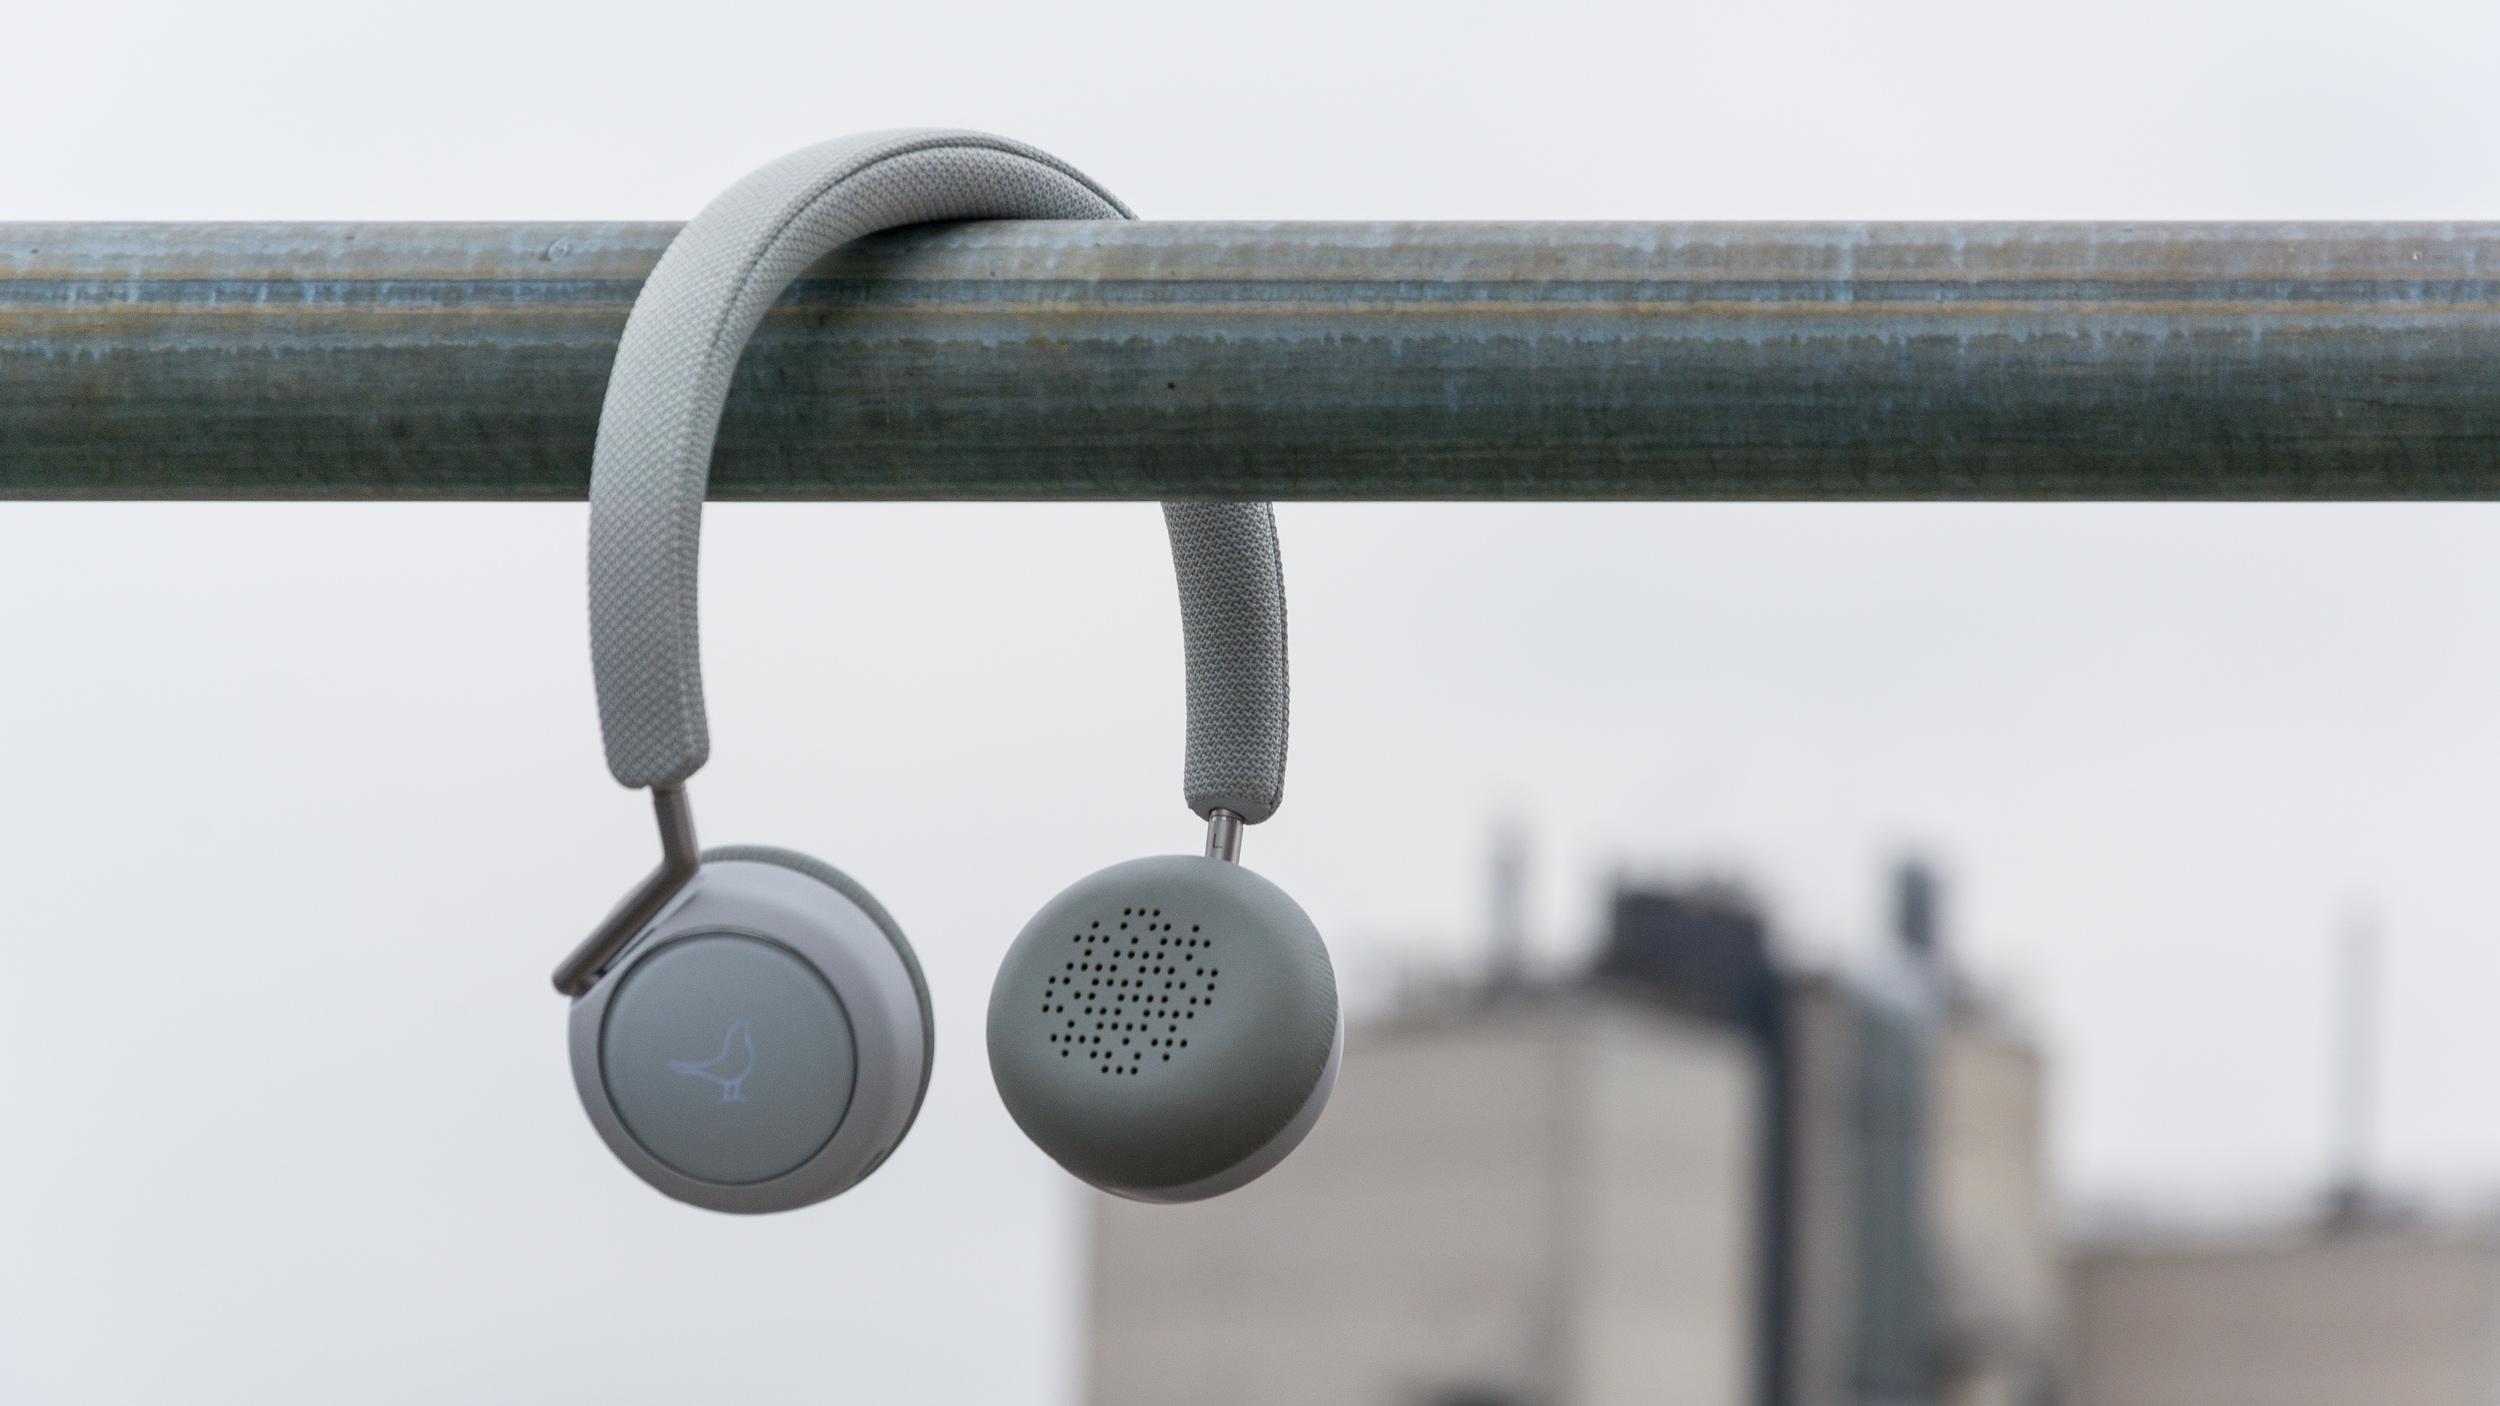 Revisão do Libratone Q Adapt On Ear: fones de ouvido Scandi-chic que são quase ótimos